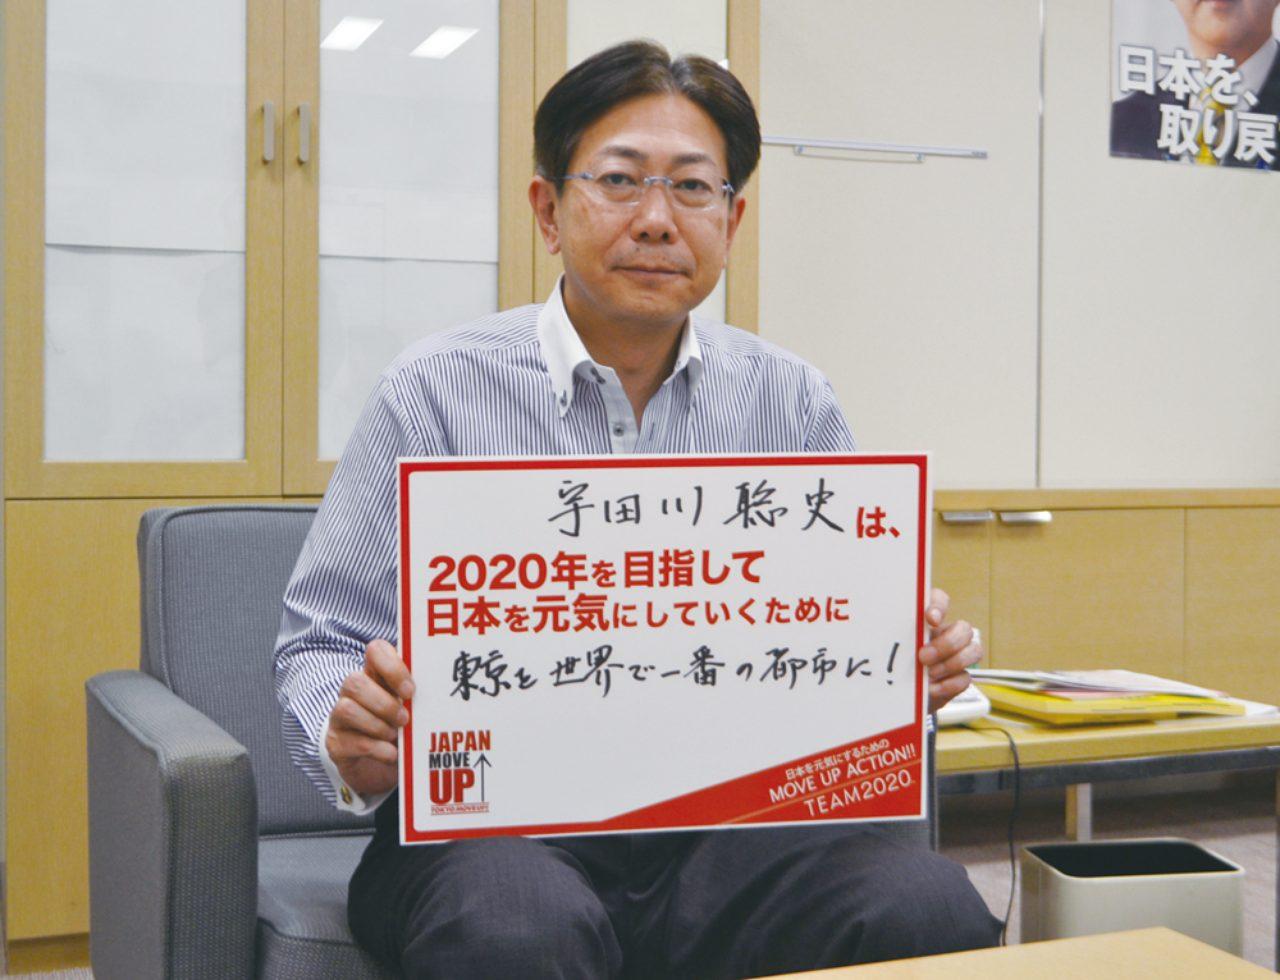 画像: 「東京を世界で一番の都市に!」とアクション宣言